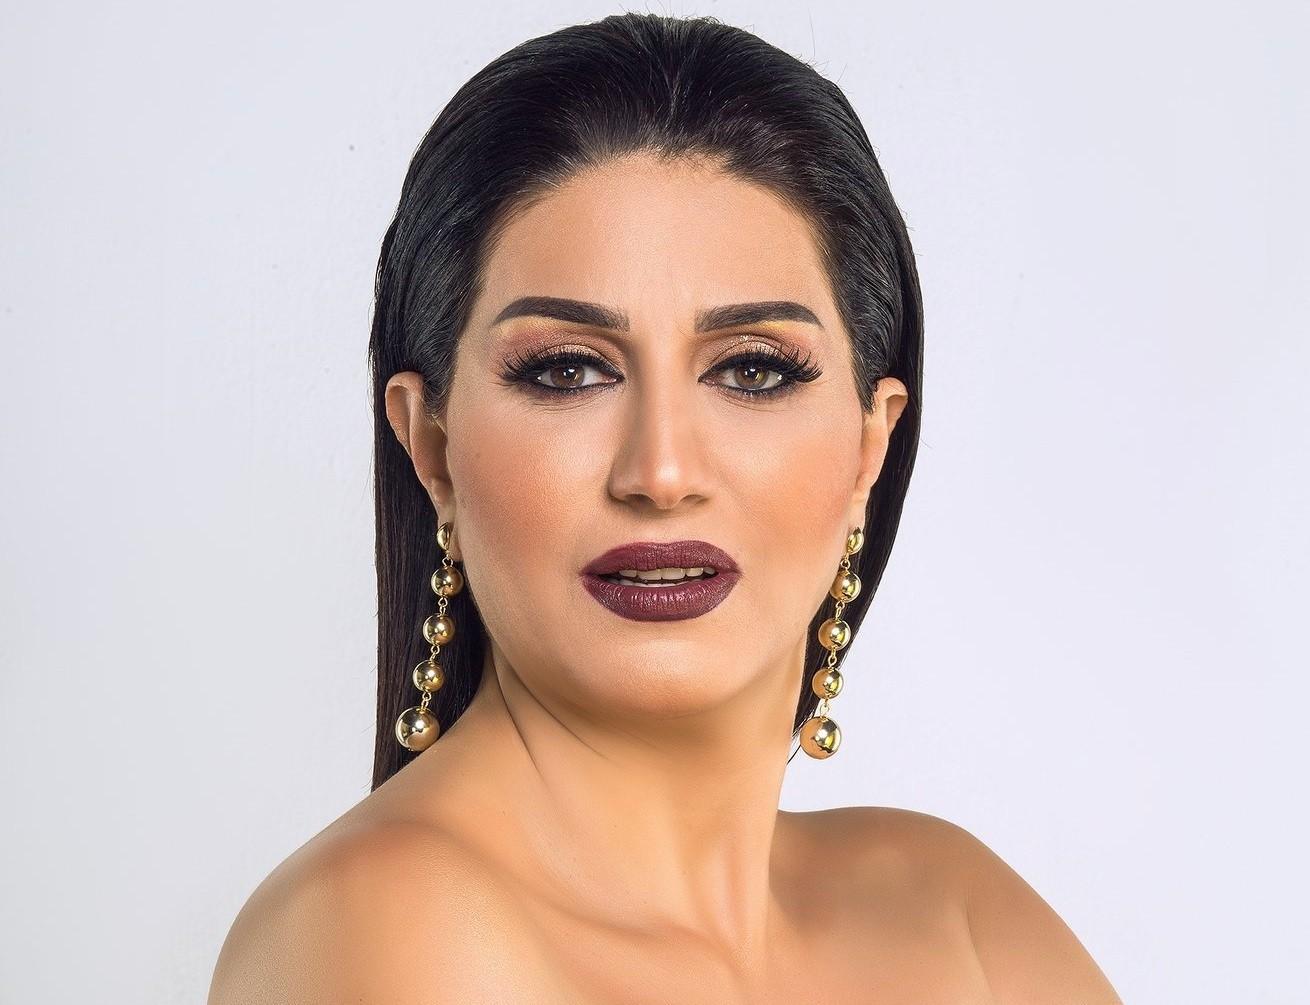 وفاء عامر تتعرّض لهجوم من قبل المتابعين بسبب ضربها لابنها! -بالفيديو